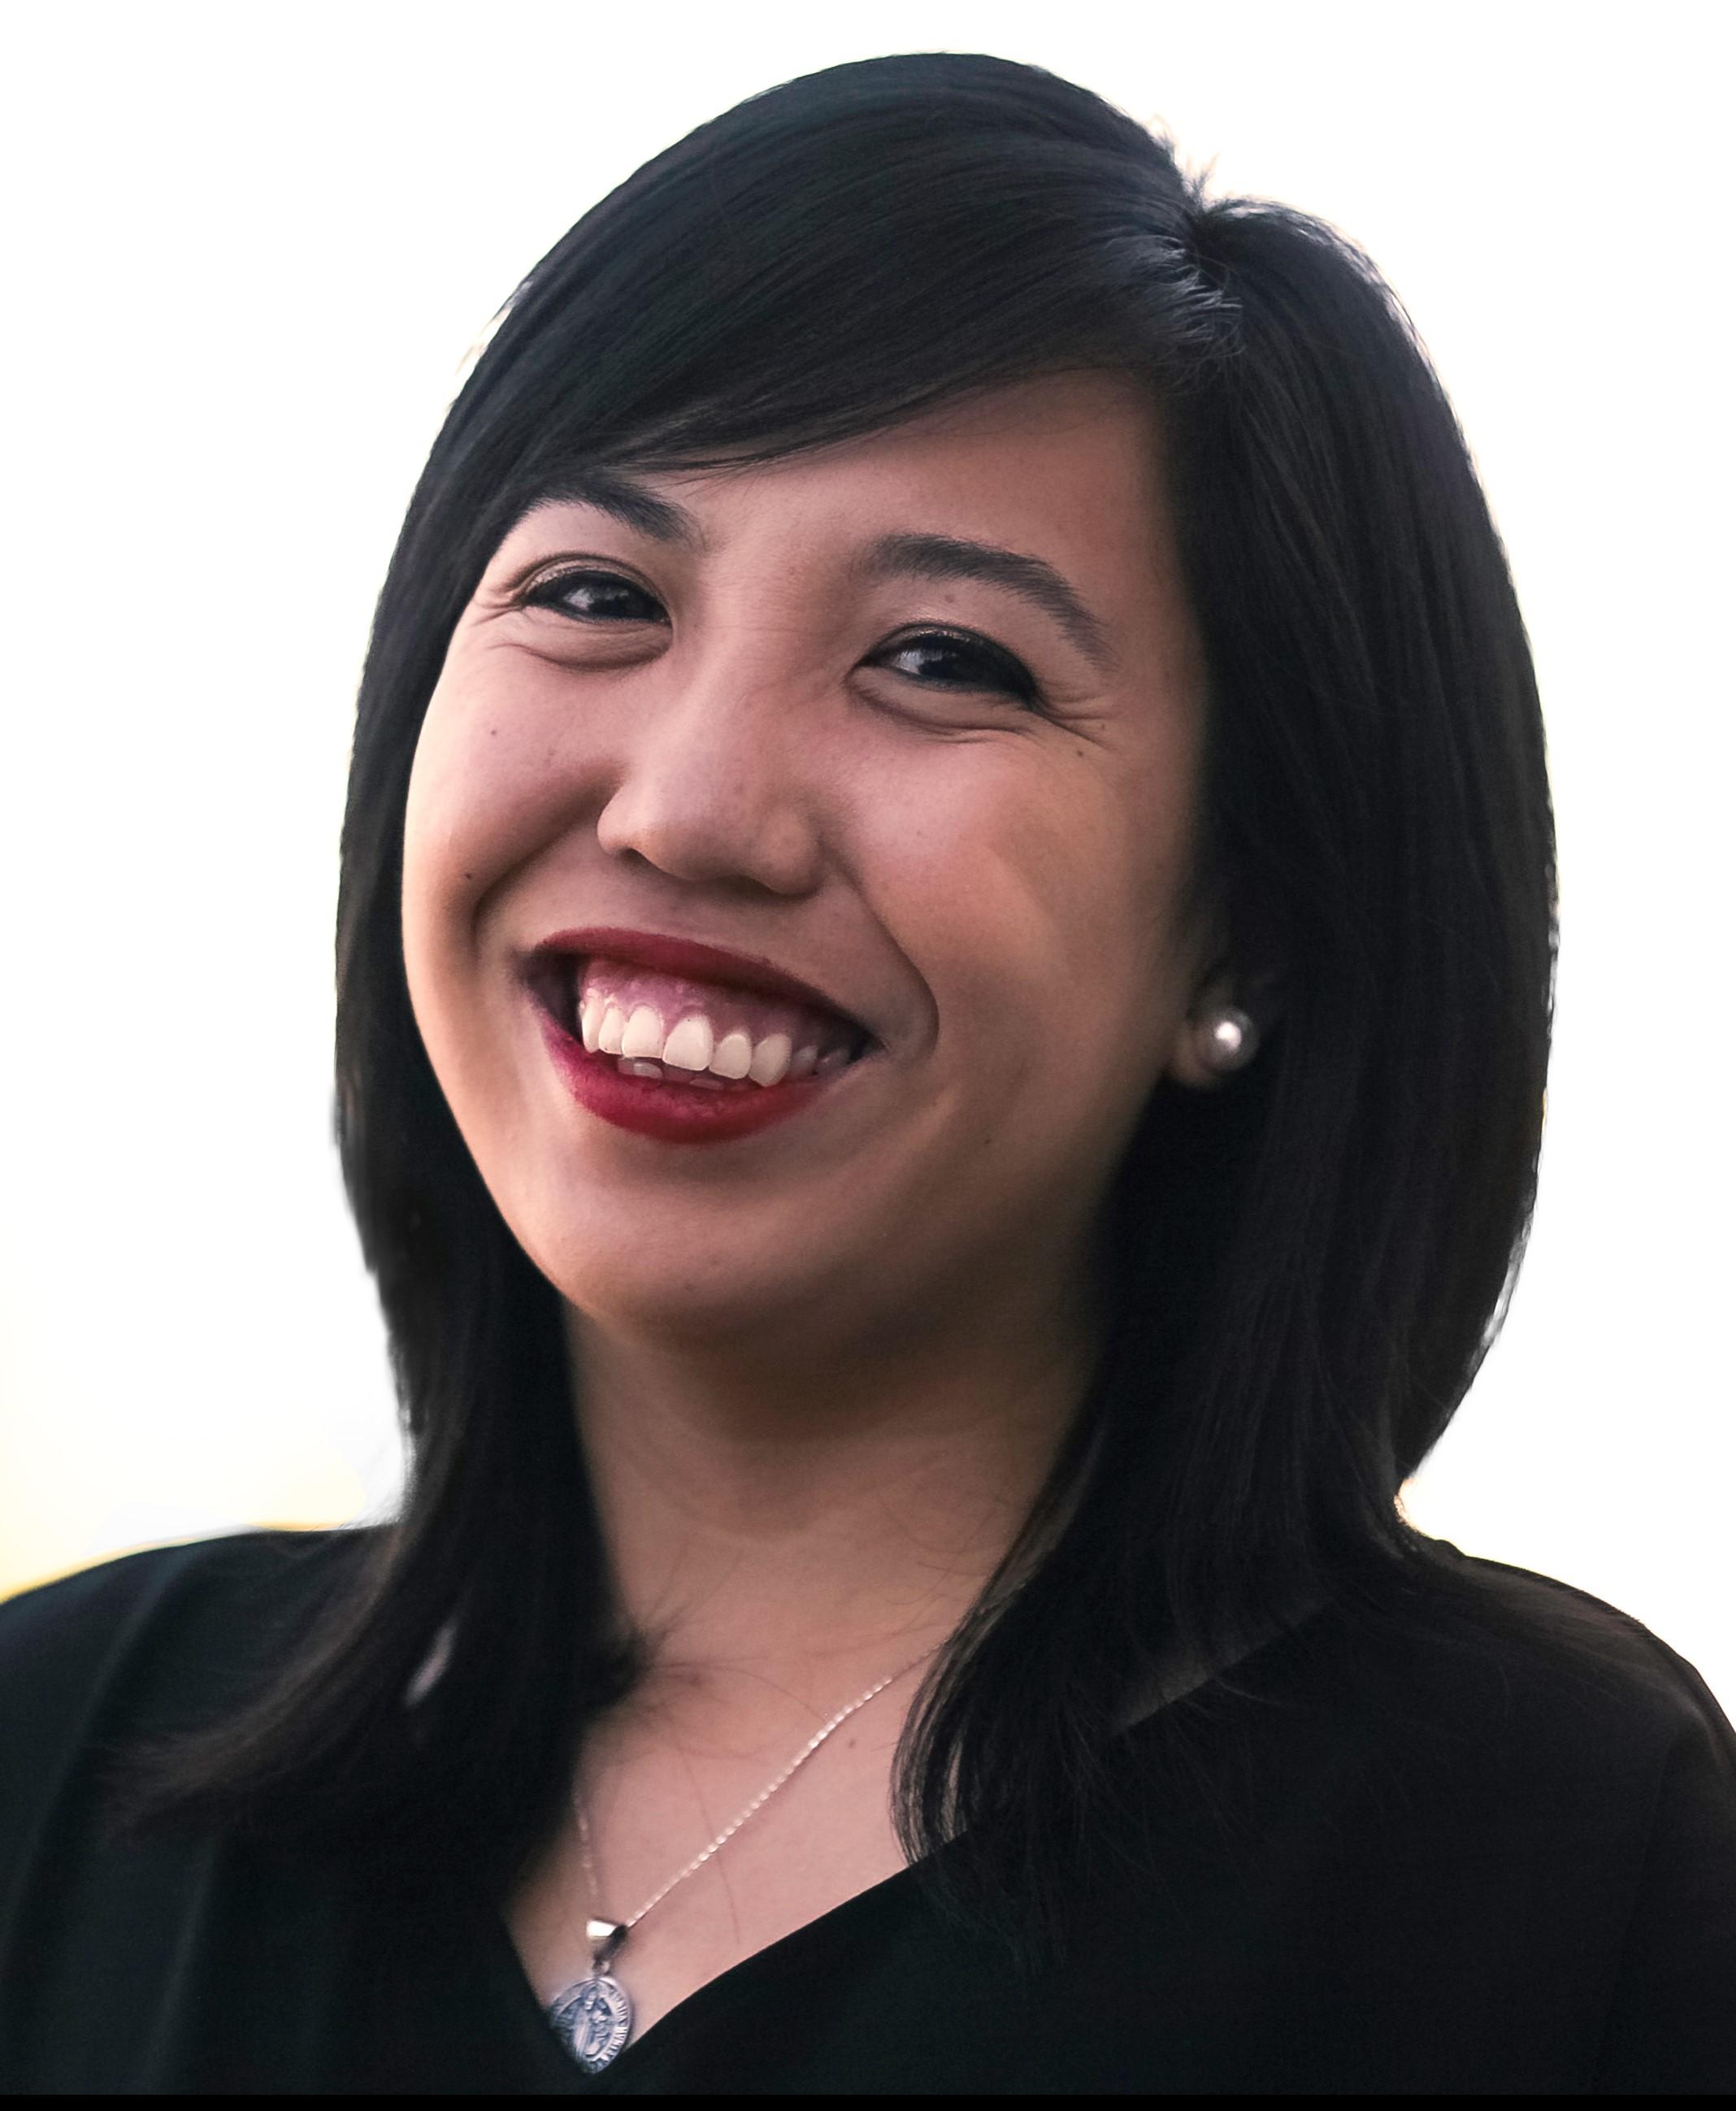 Samantha Serafica